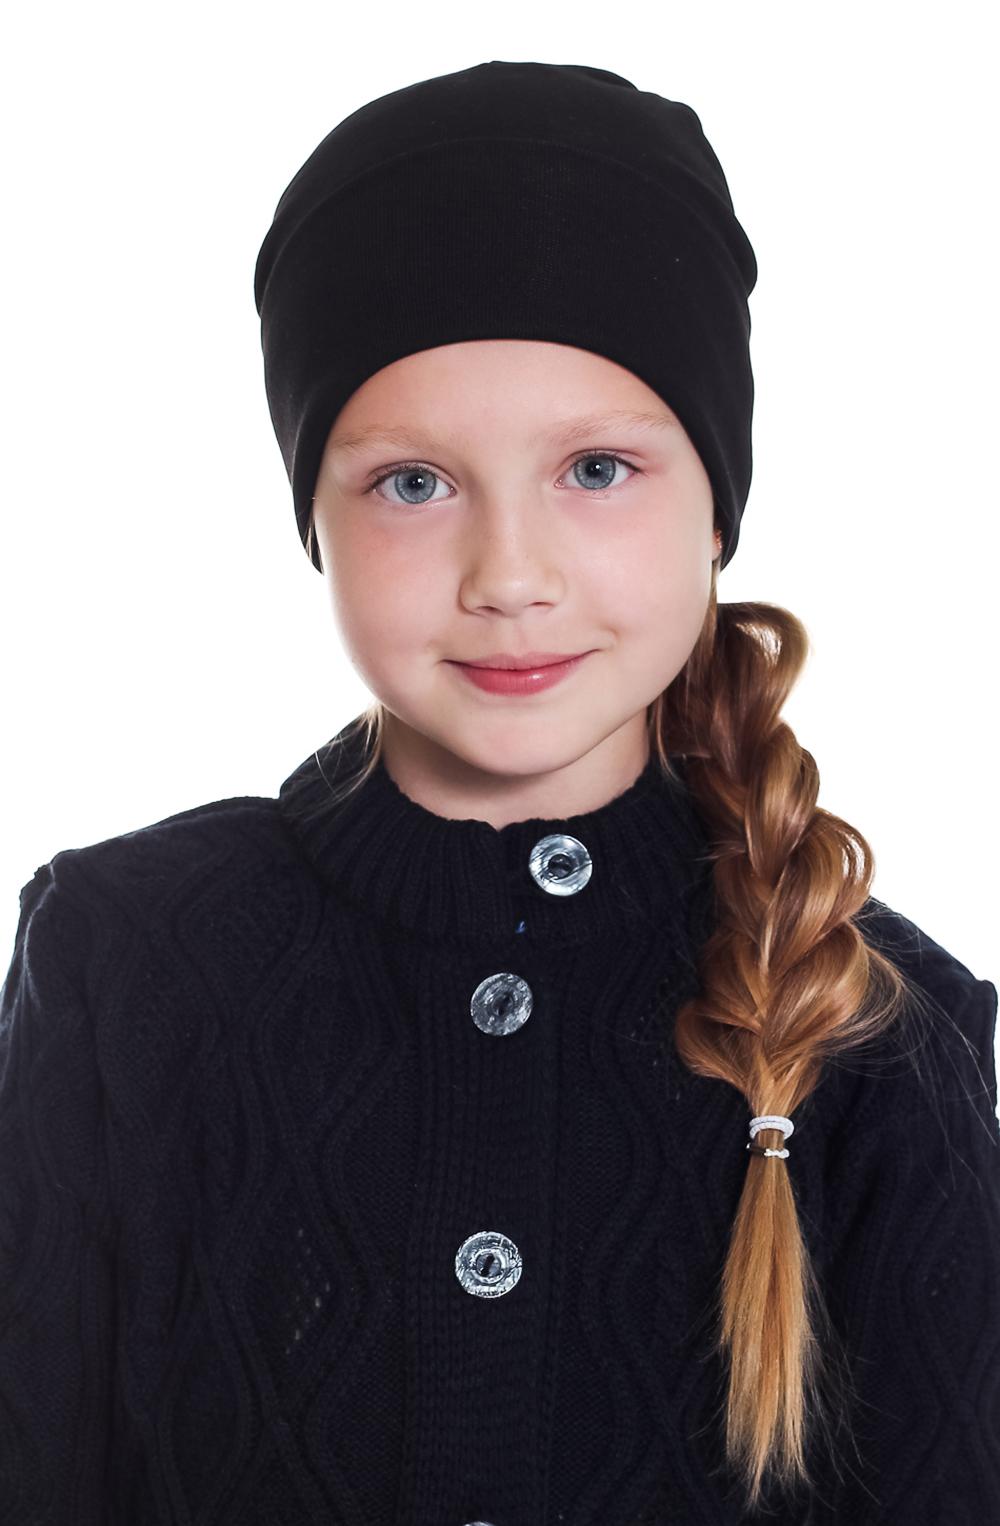 ШапкаГоловные уборы<br>Шапка для девочки защитит Вашего ребенка от непогоды и поднимет настроение.  Размер равен обхвату головы в сантиметрах.  Цвет: черный<br><br>По сезону: Осень,Весна<br>Размер : 40-45,45-50,50-55<br>Материал: Трикотаж<br>Количество в наличии: 3